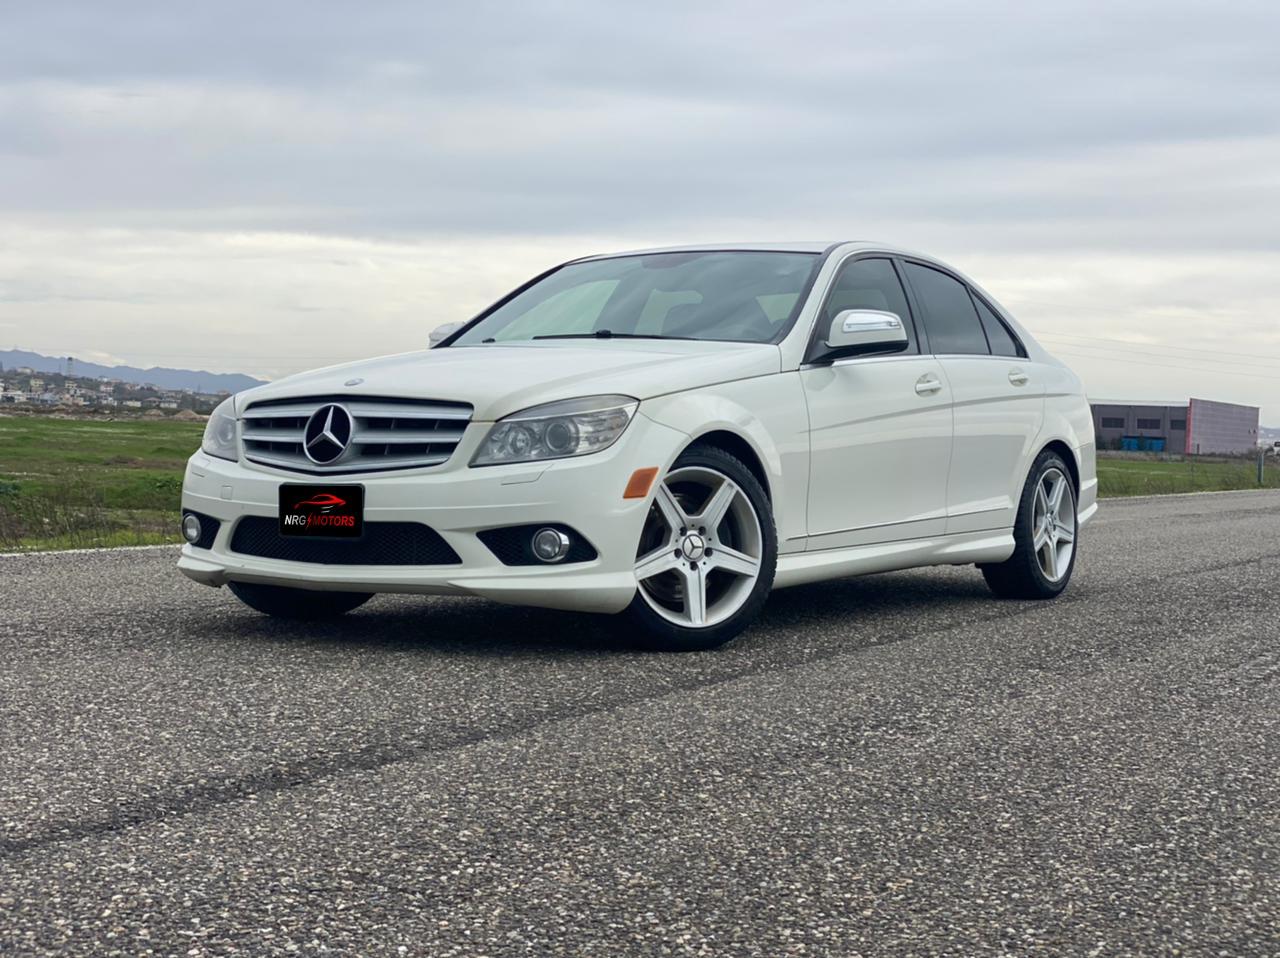 Mercedes Benz C300 ne shitje, Mercedes Benz C300 AMG Line ne shitje C Class, Shitet C300, C Class i bardhe - NRG Motors